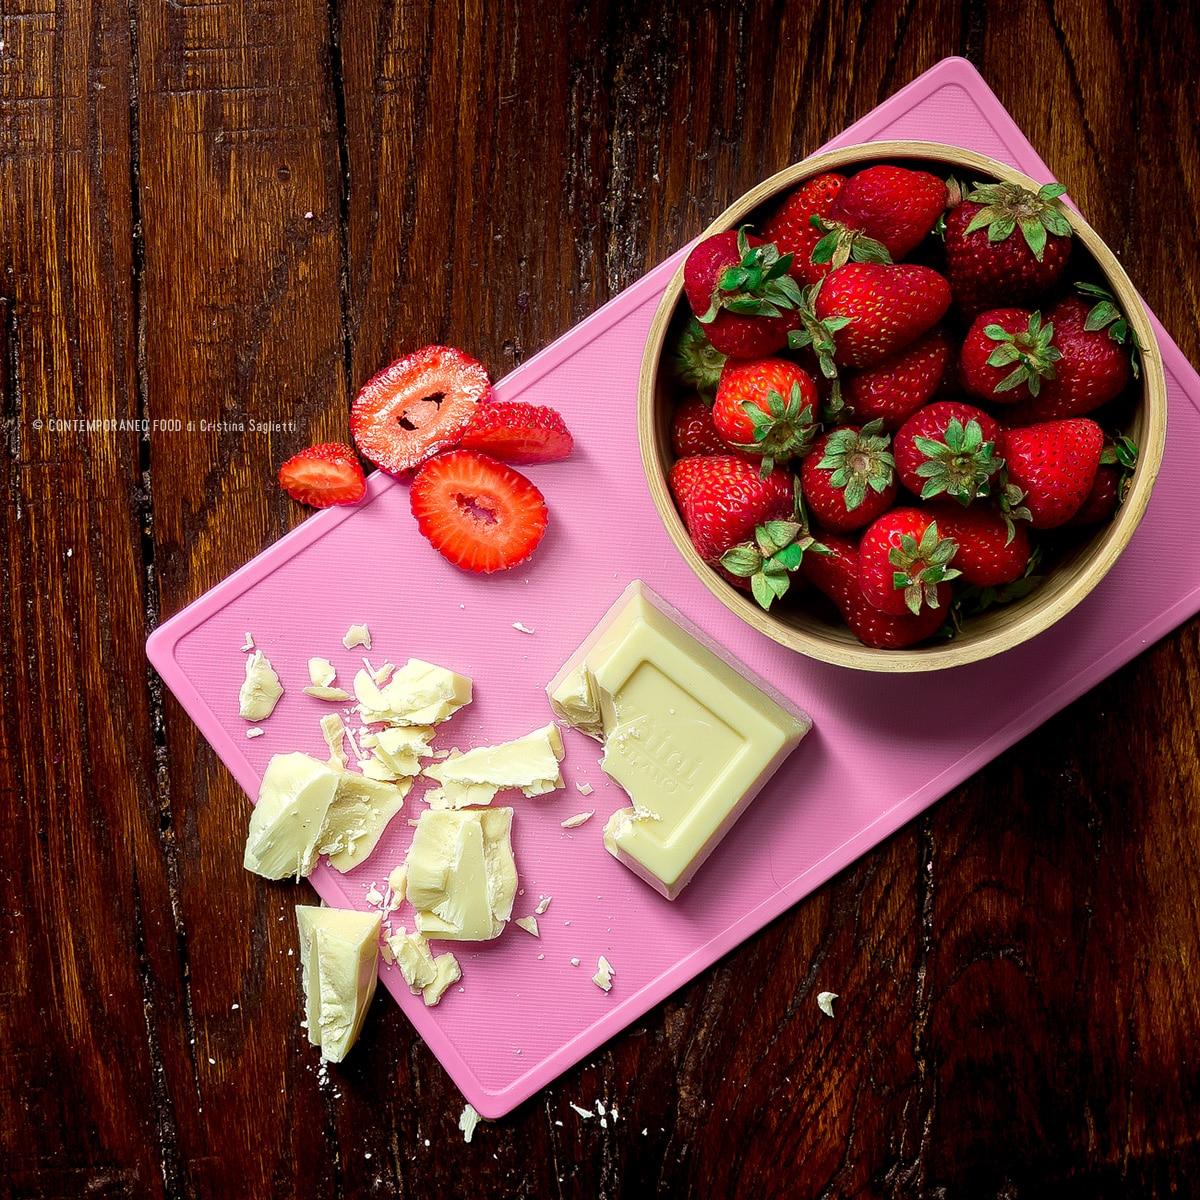 brownies-cioccolato-bianco-la-cucina-spontanea-app-contemporaneo-food